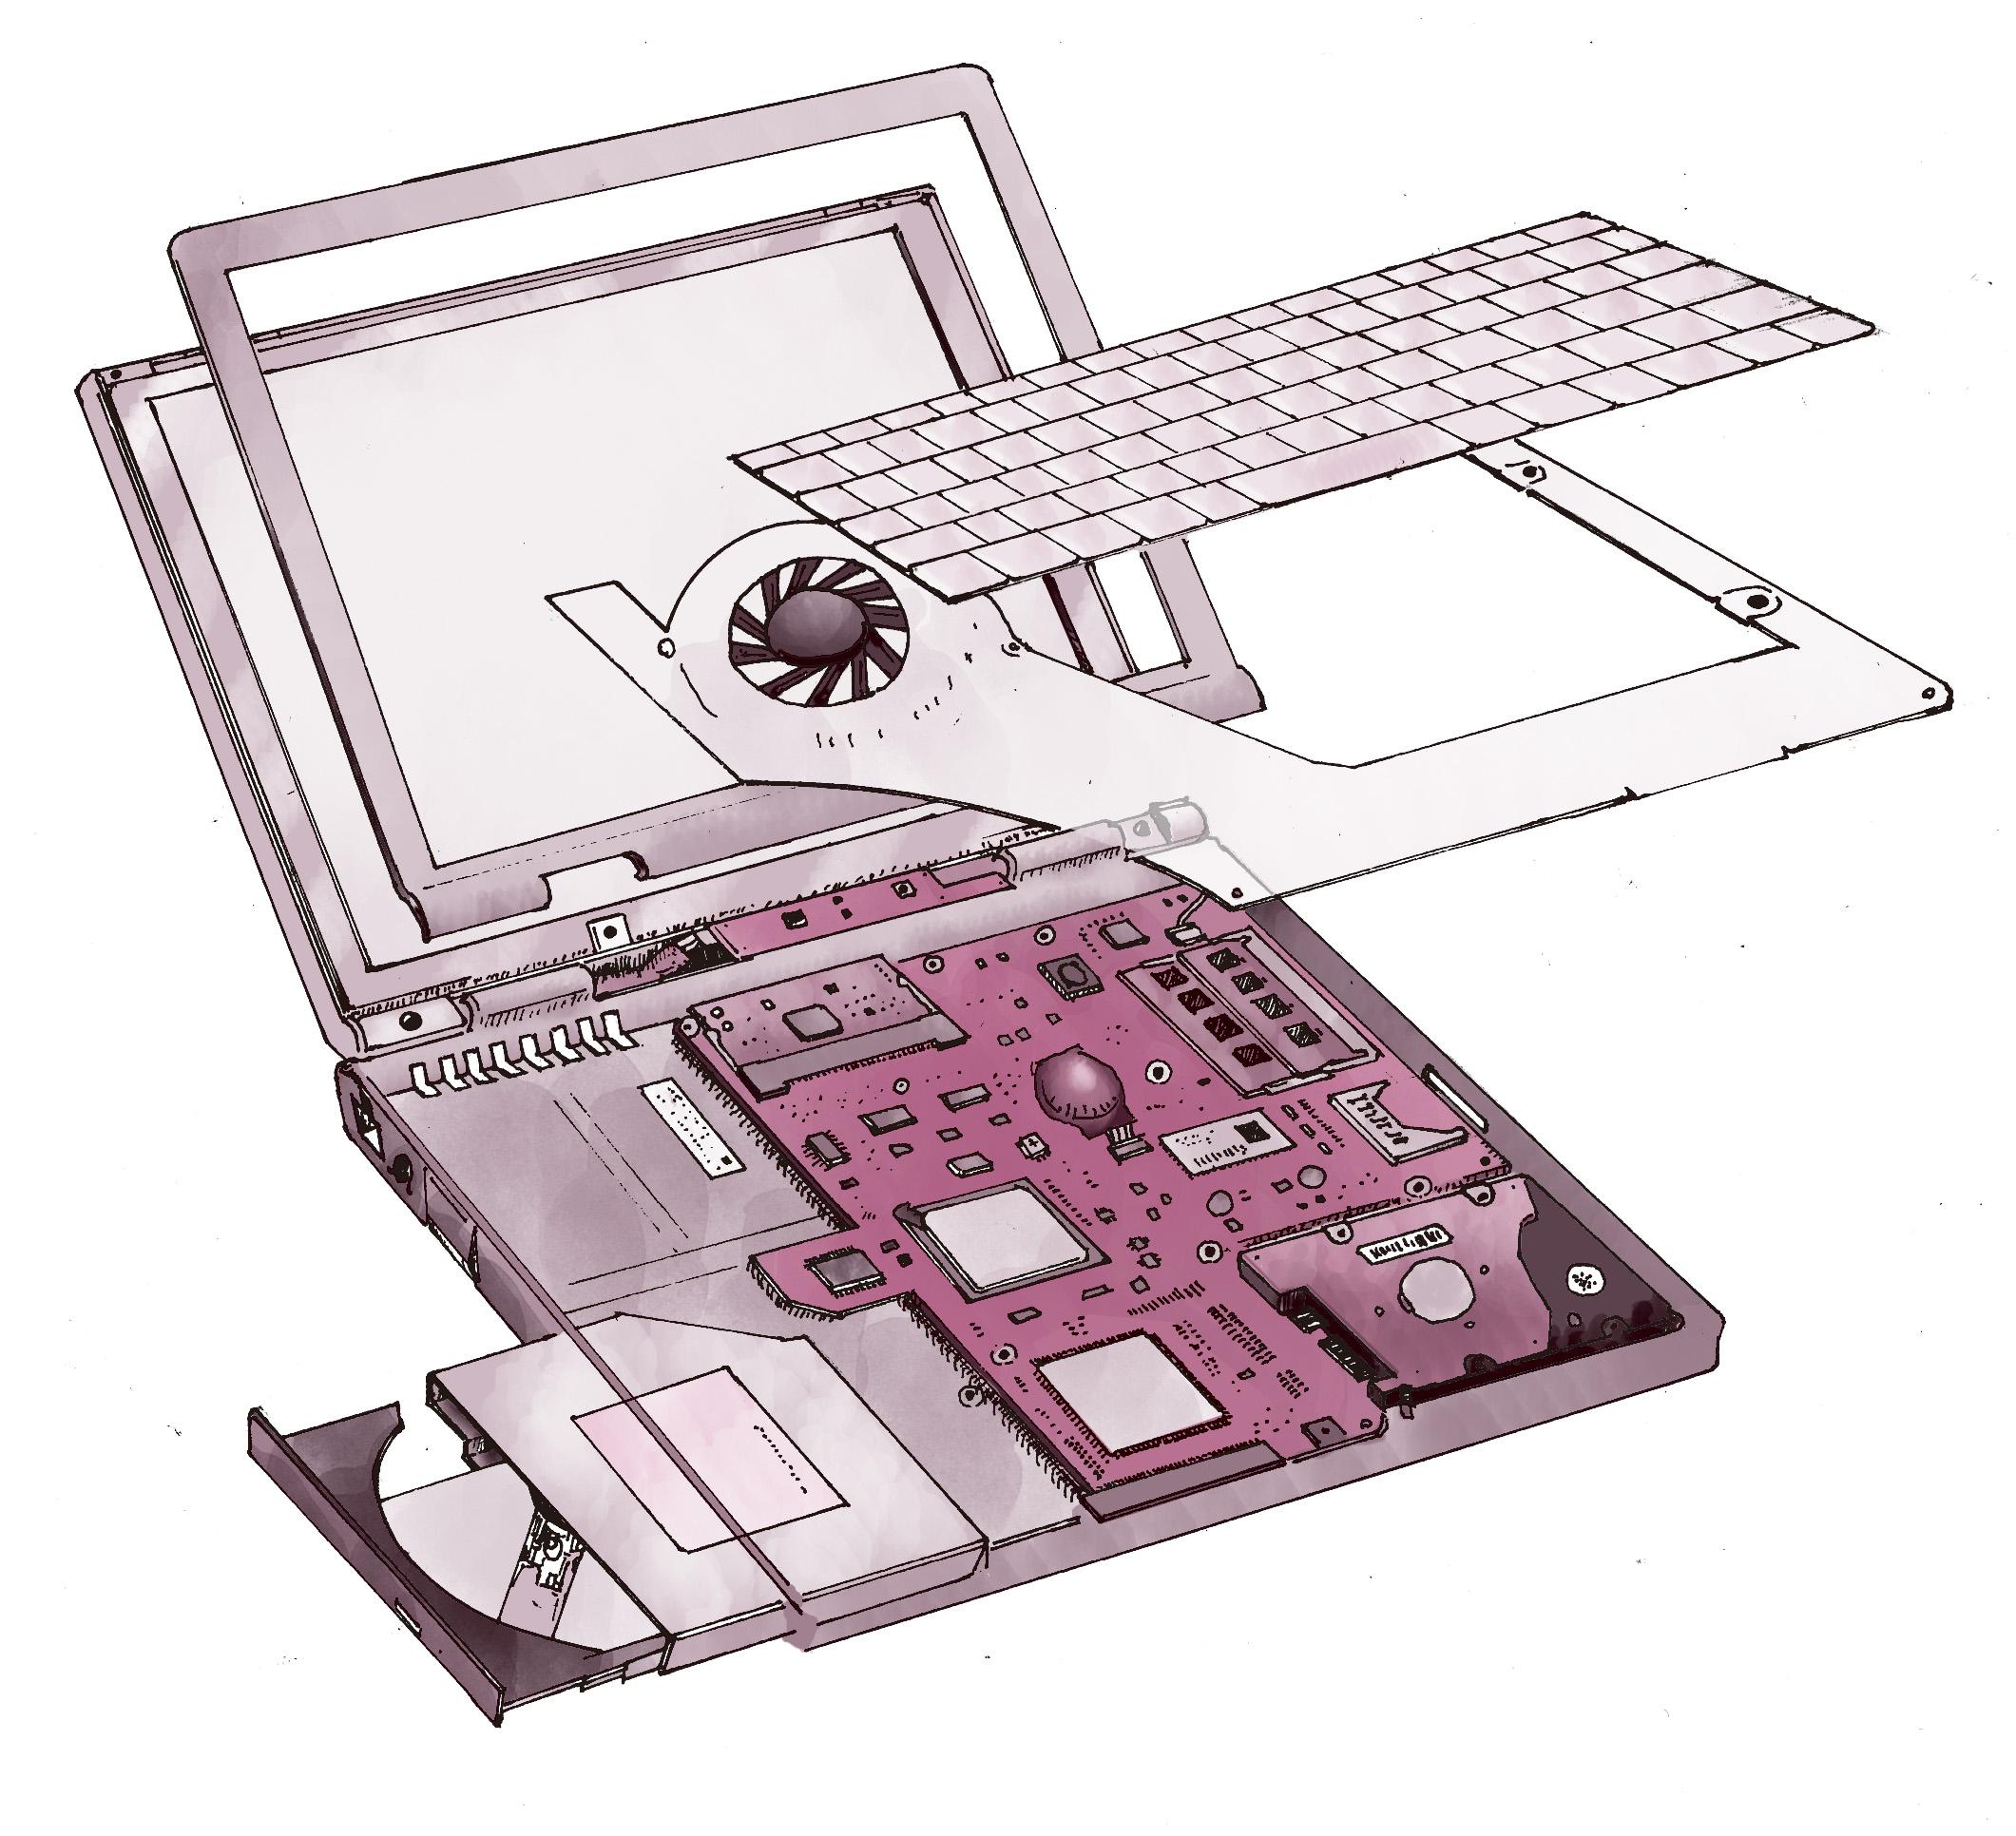 パソコンはどんな部品からできてるの?